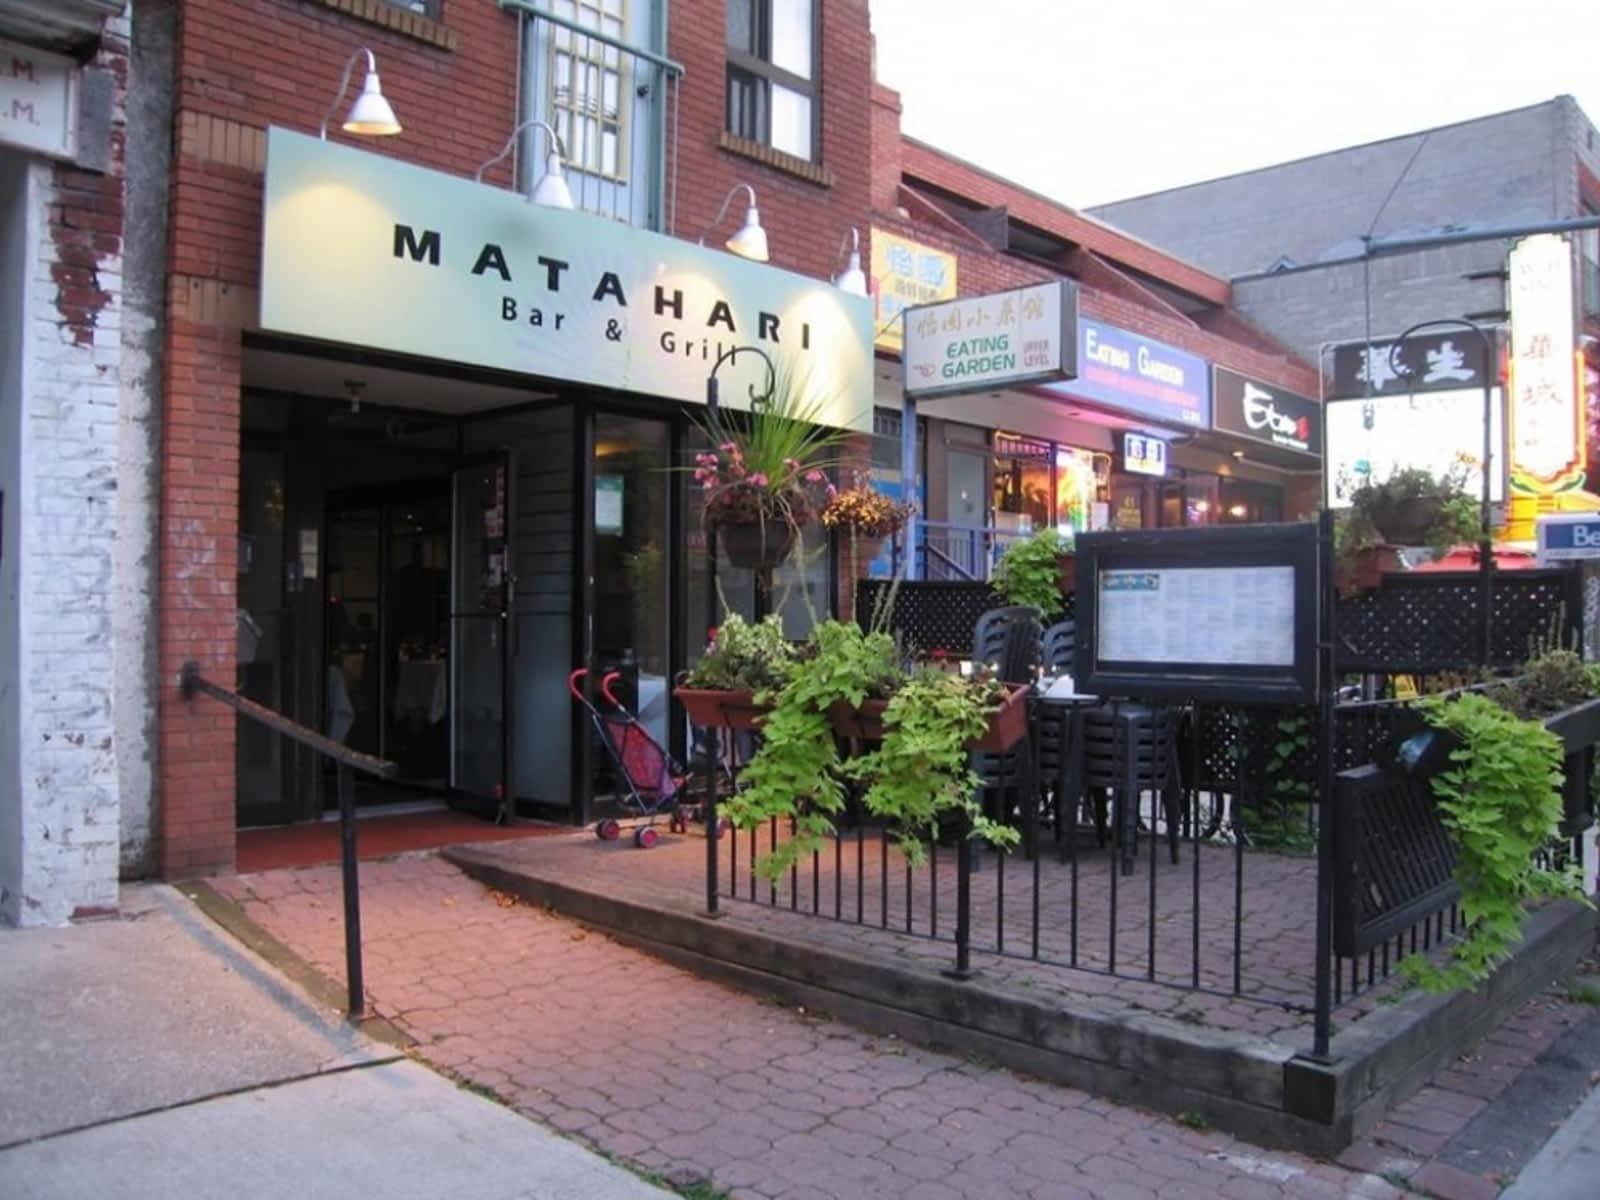 Matahari Bar and Grill